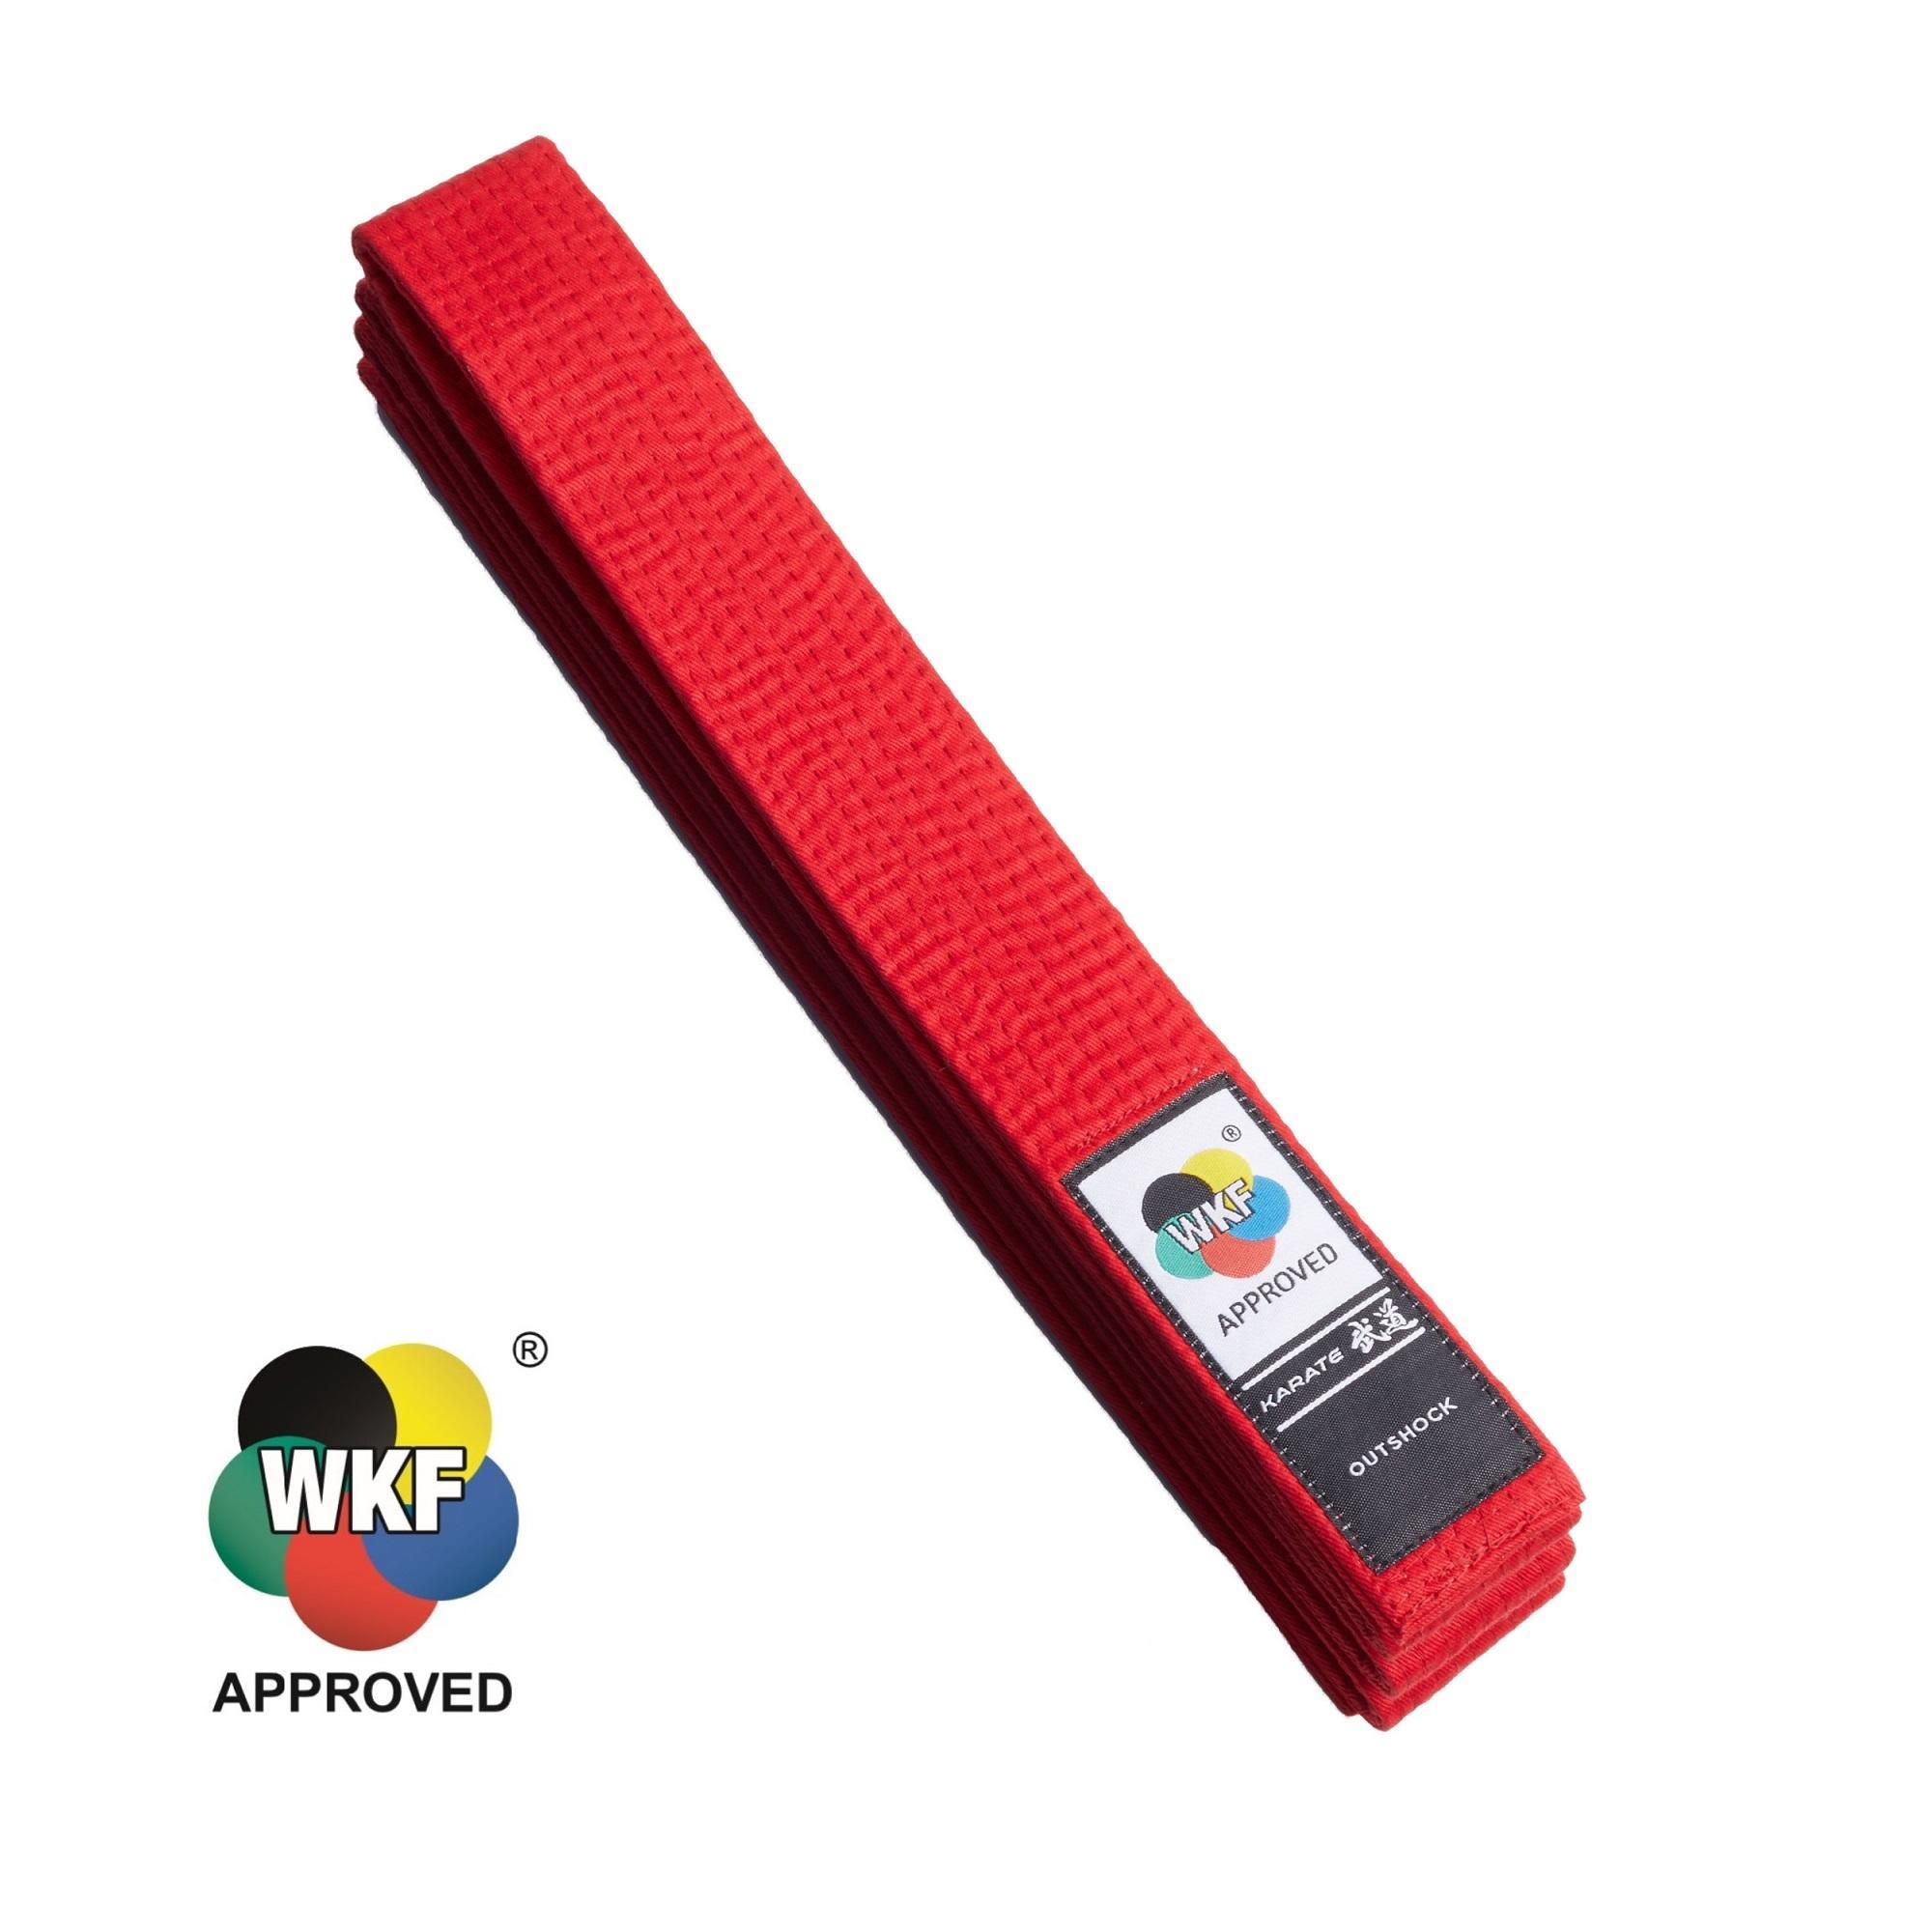 Centură Karate WKF 3.1 M Roșu imagine